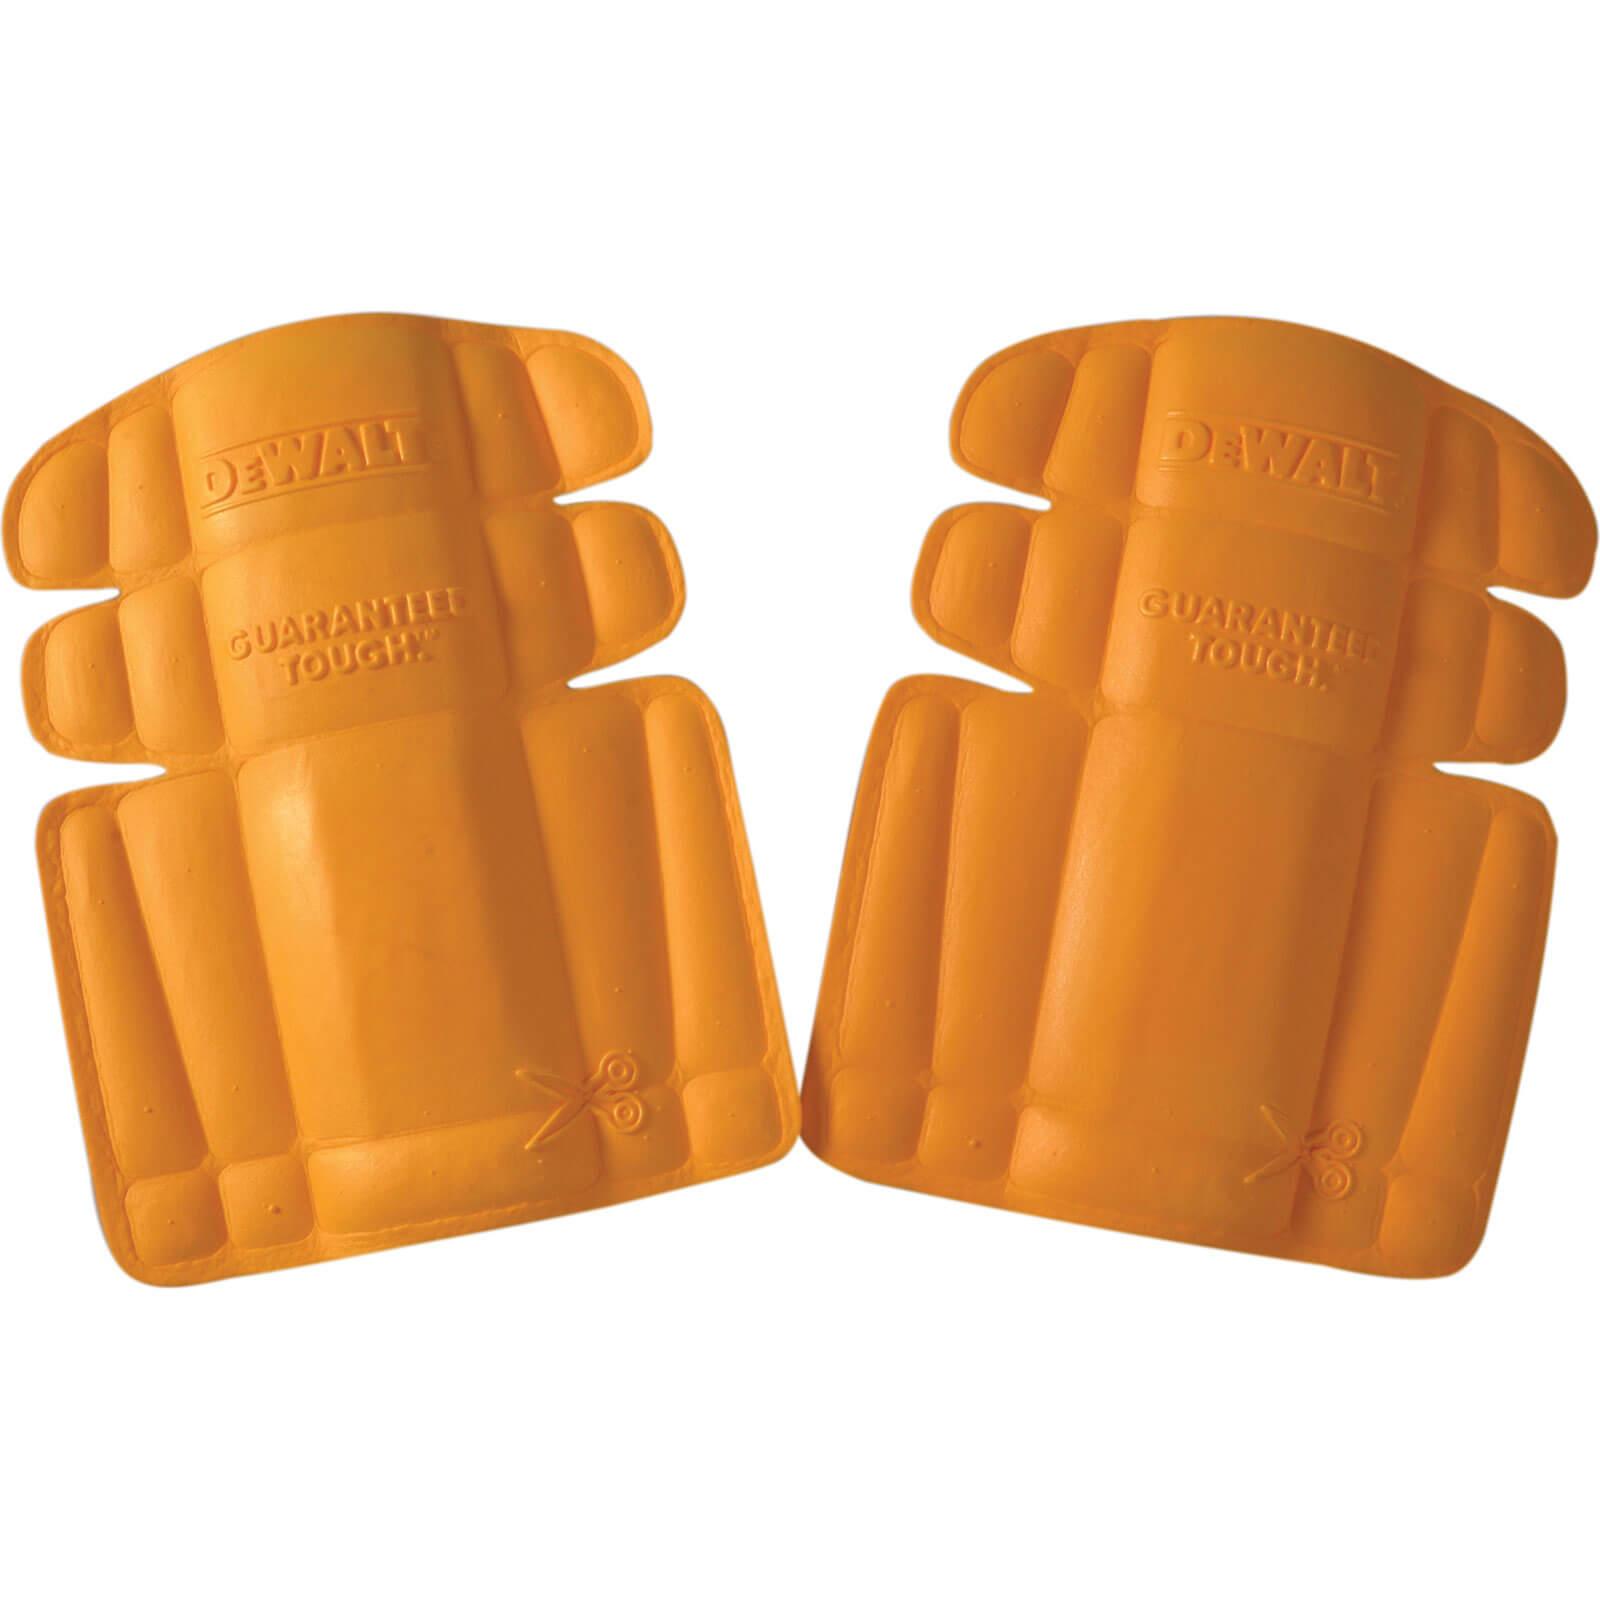 DeWalt Work Trouser Knee Pads